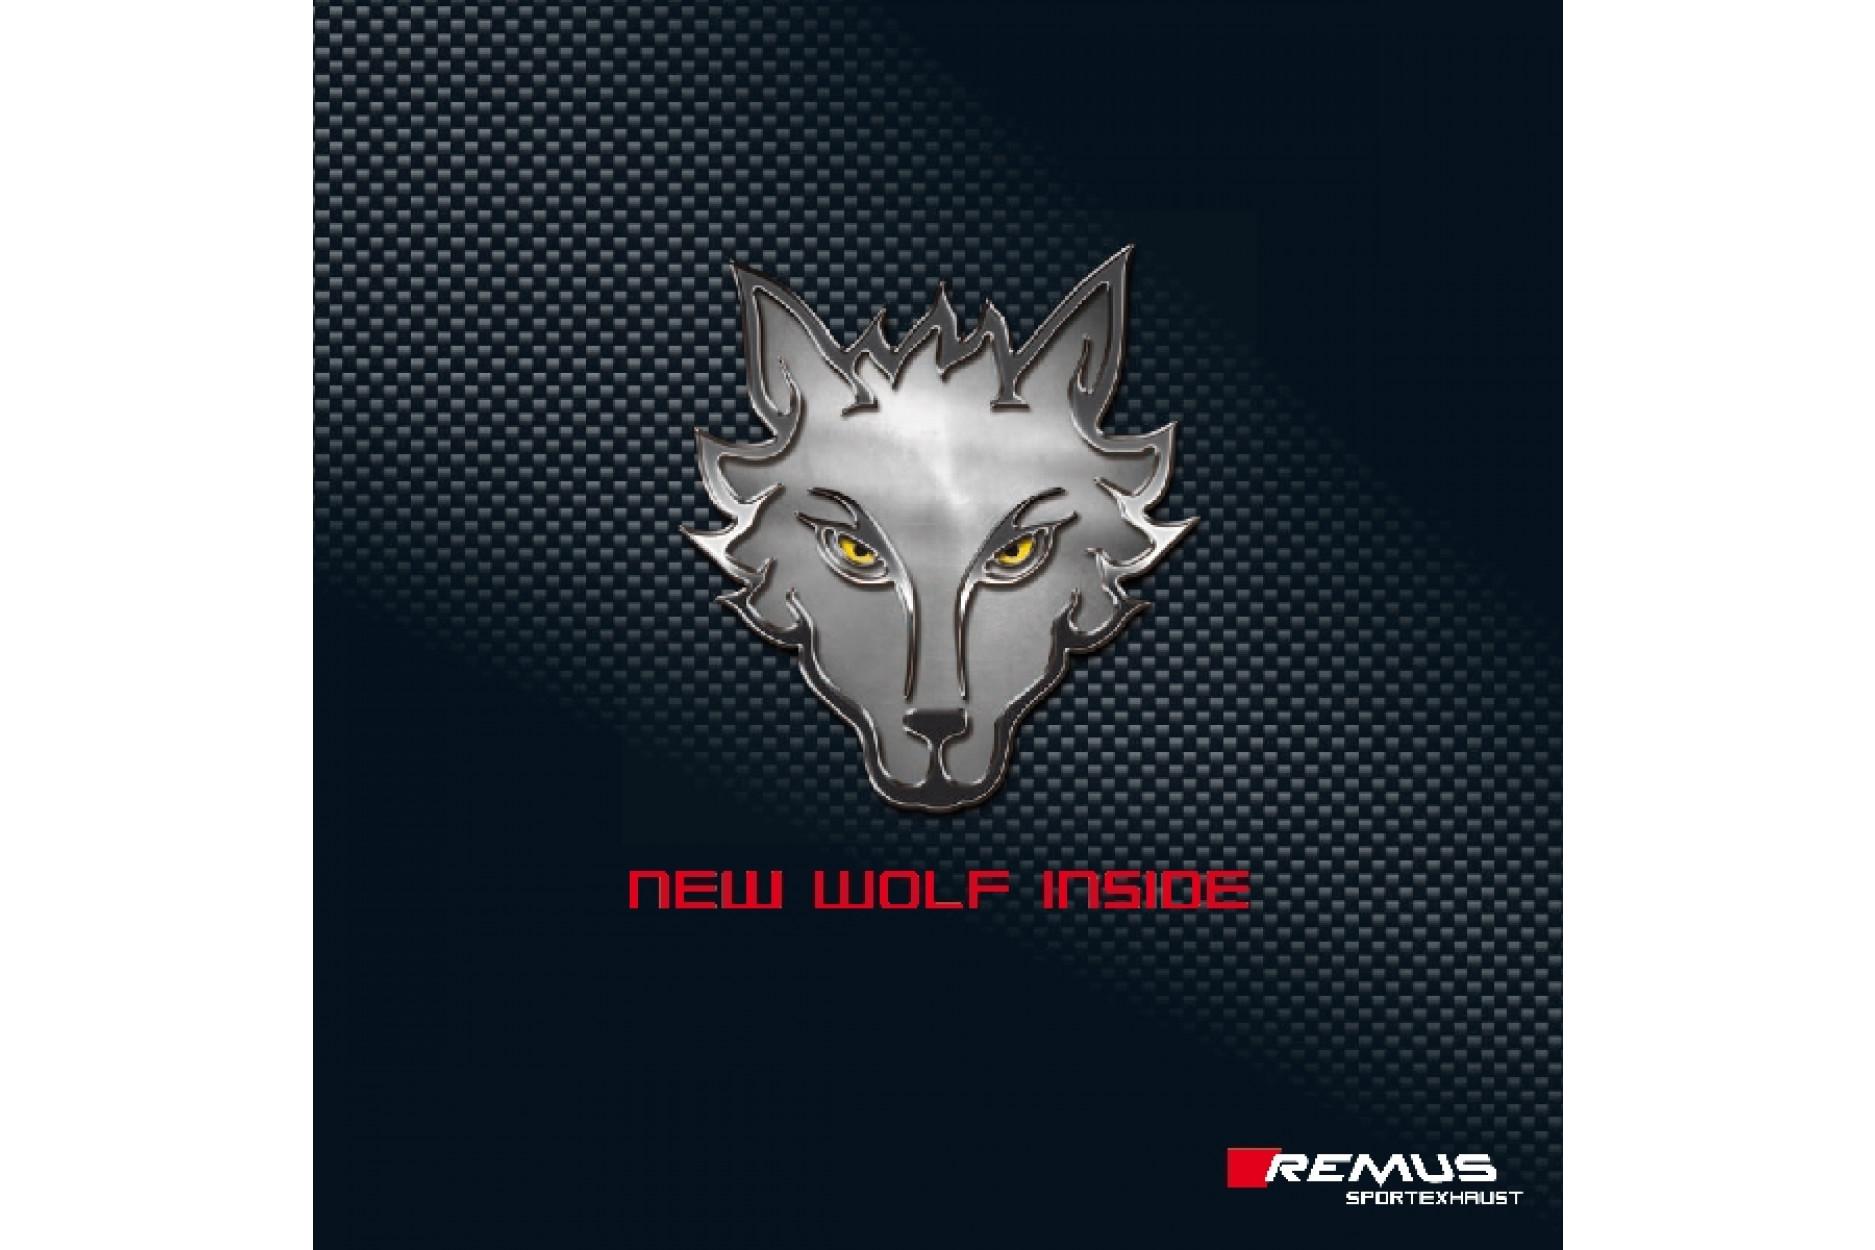 Remus Sportschalldämpfer mit Li/Re je 1 ER 133x85 mm schräg